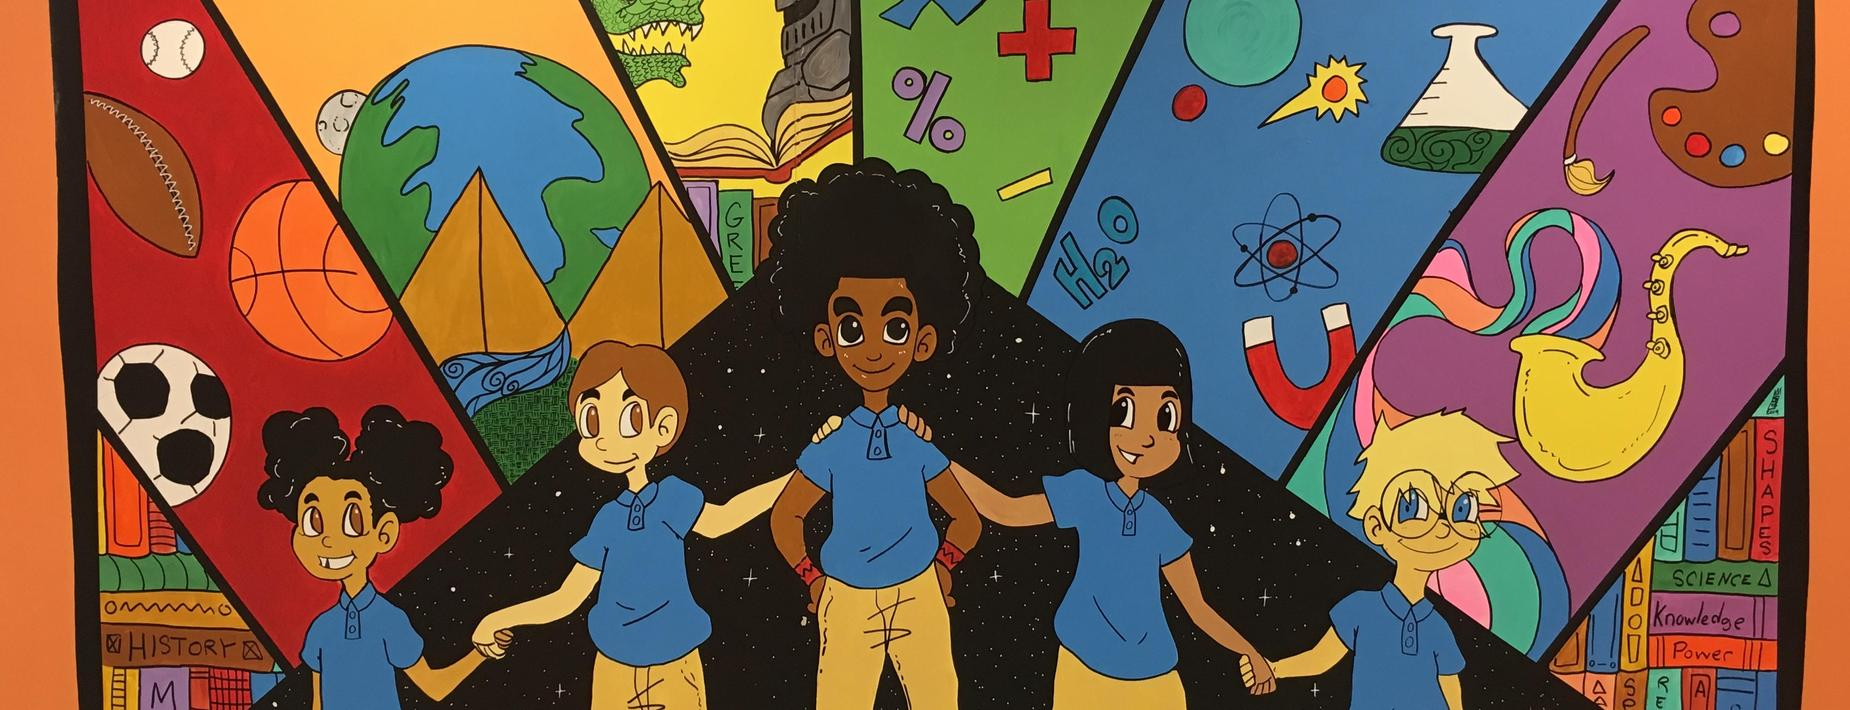 Hardeeville Elementary-